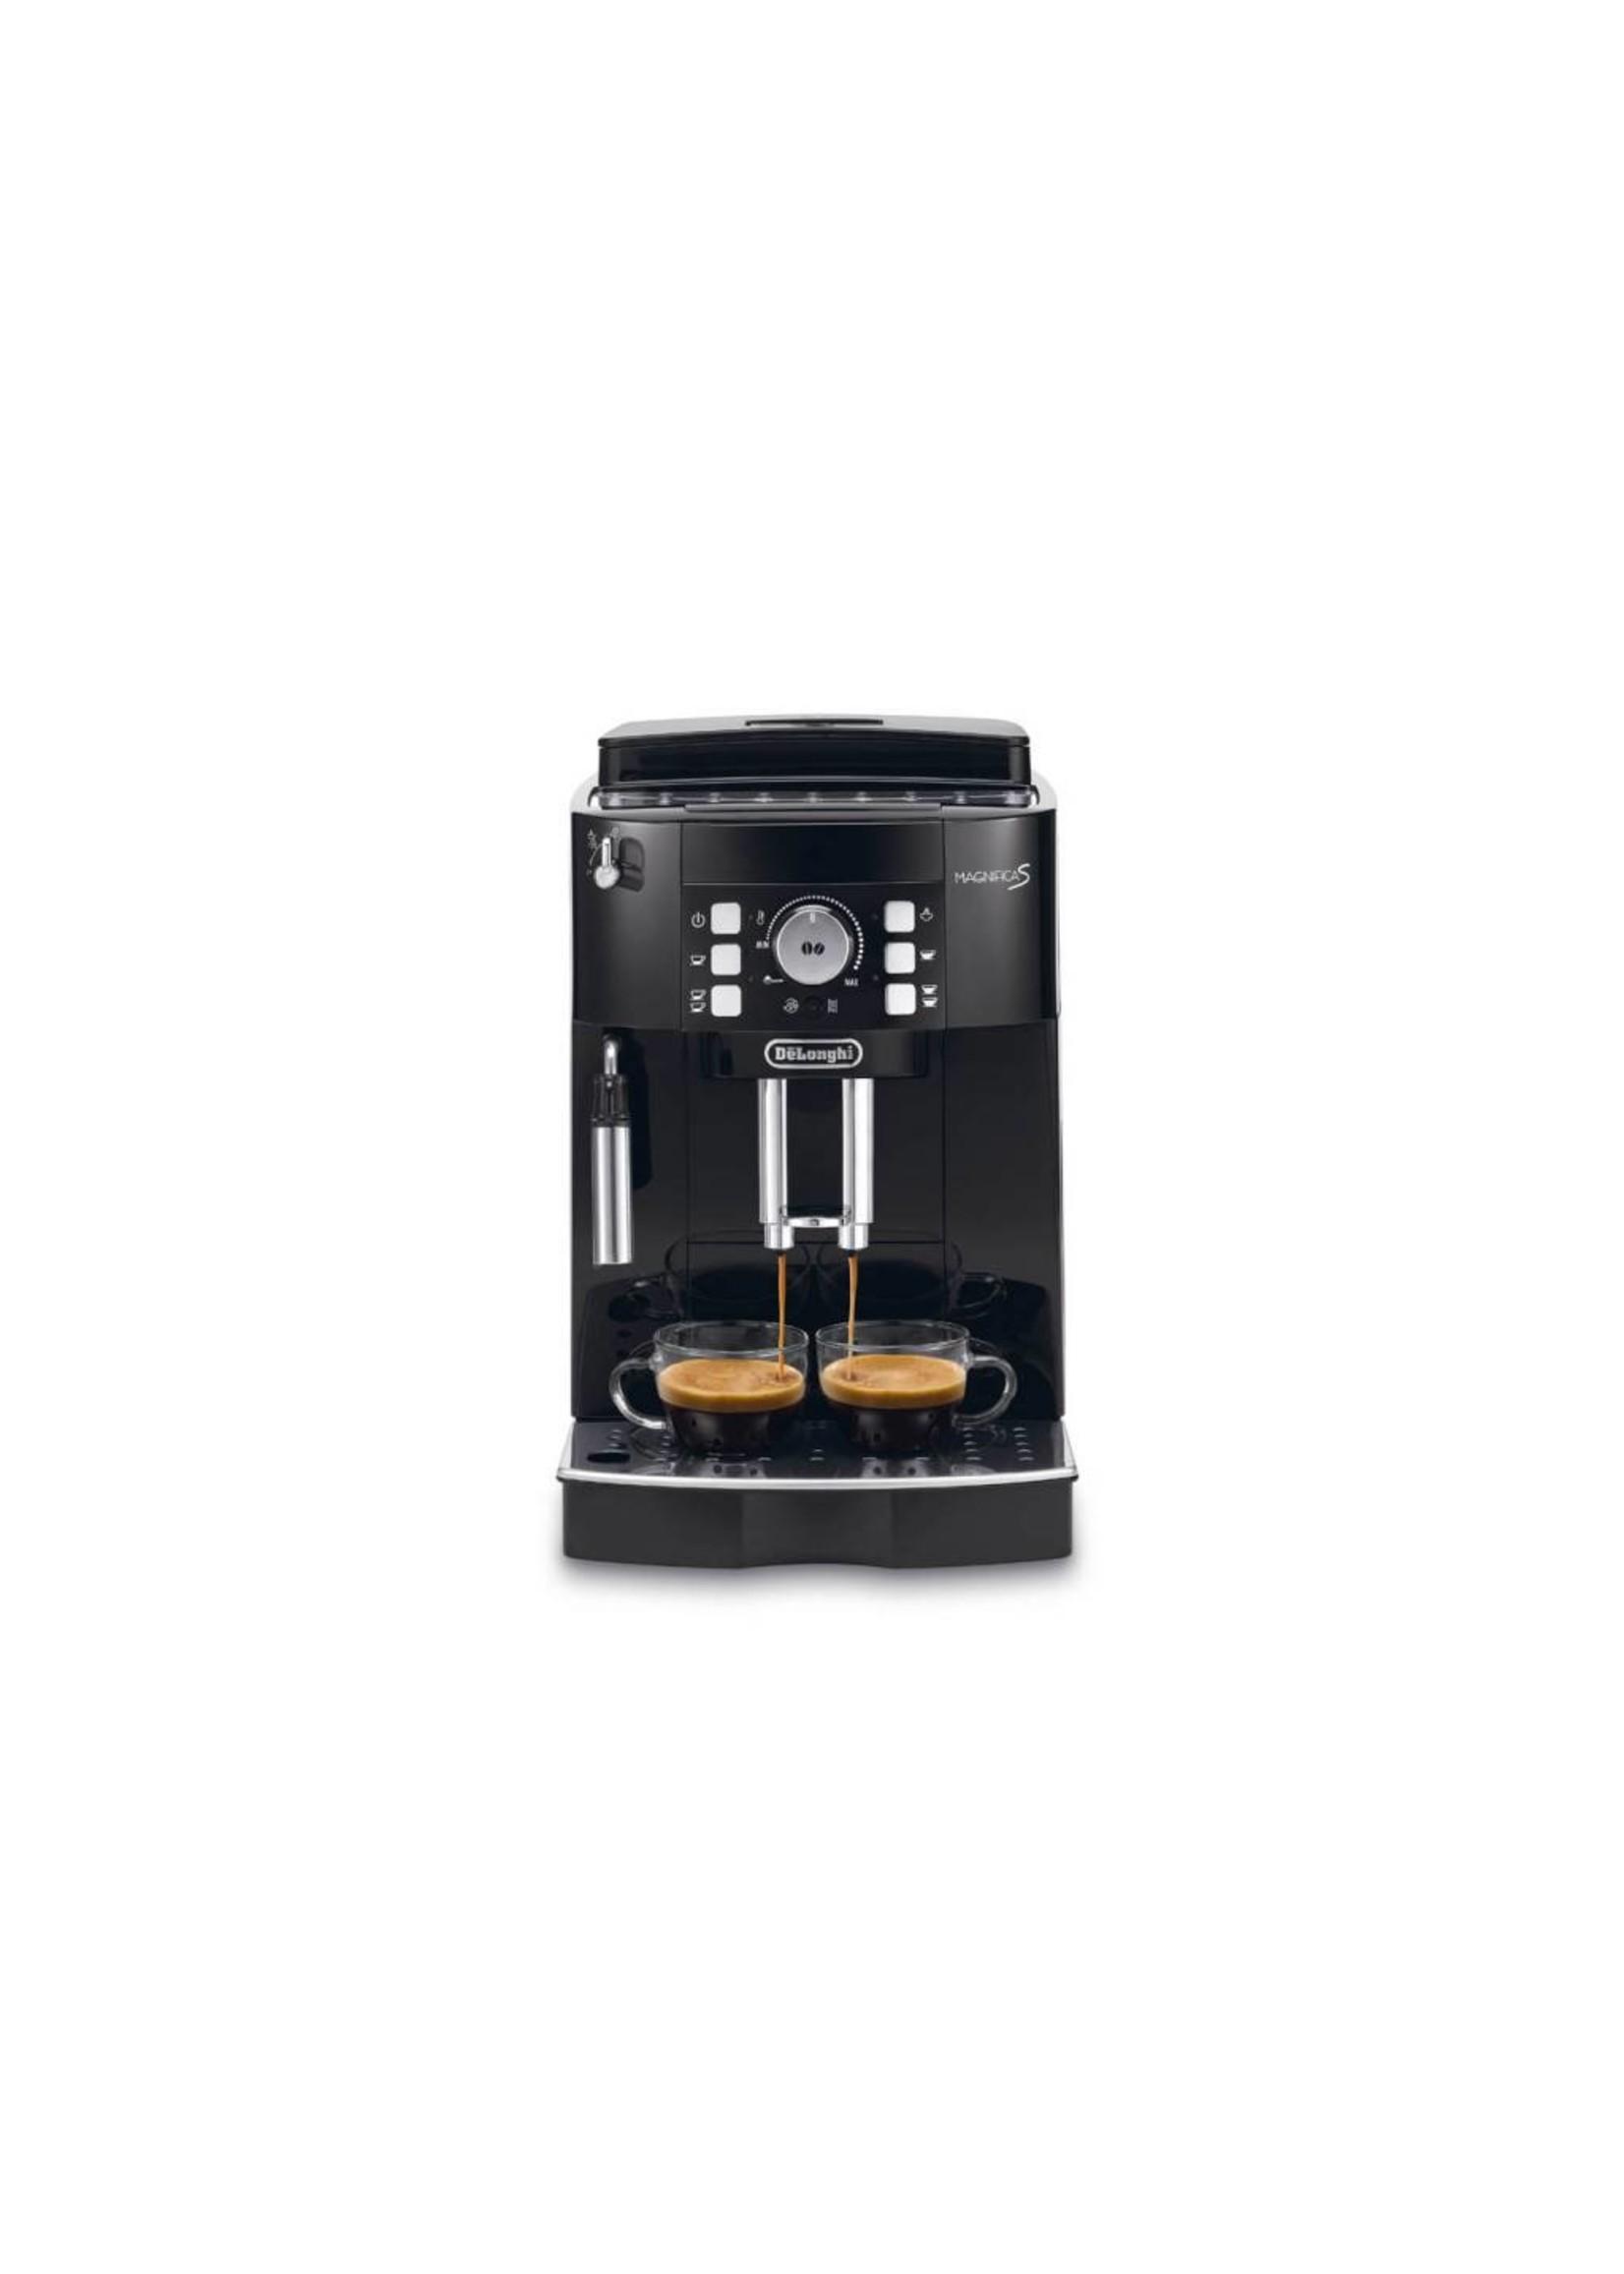 DeLonghi DeLonghi Magnifica S ECAM 22.110 Espressomachine zwart